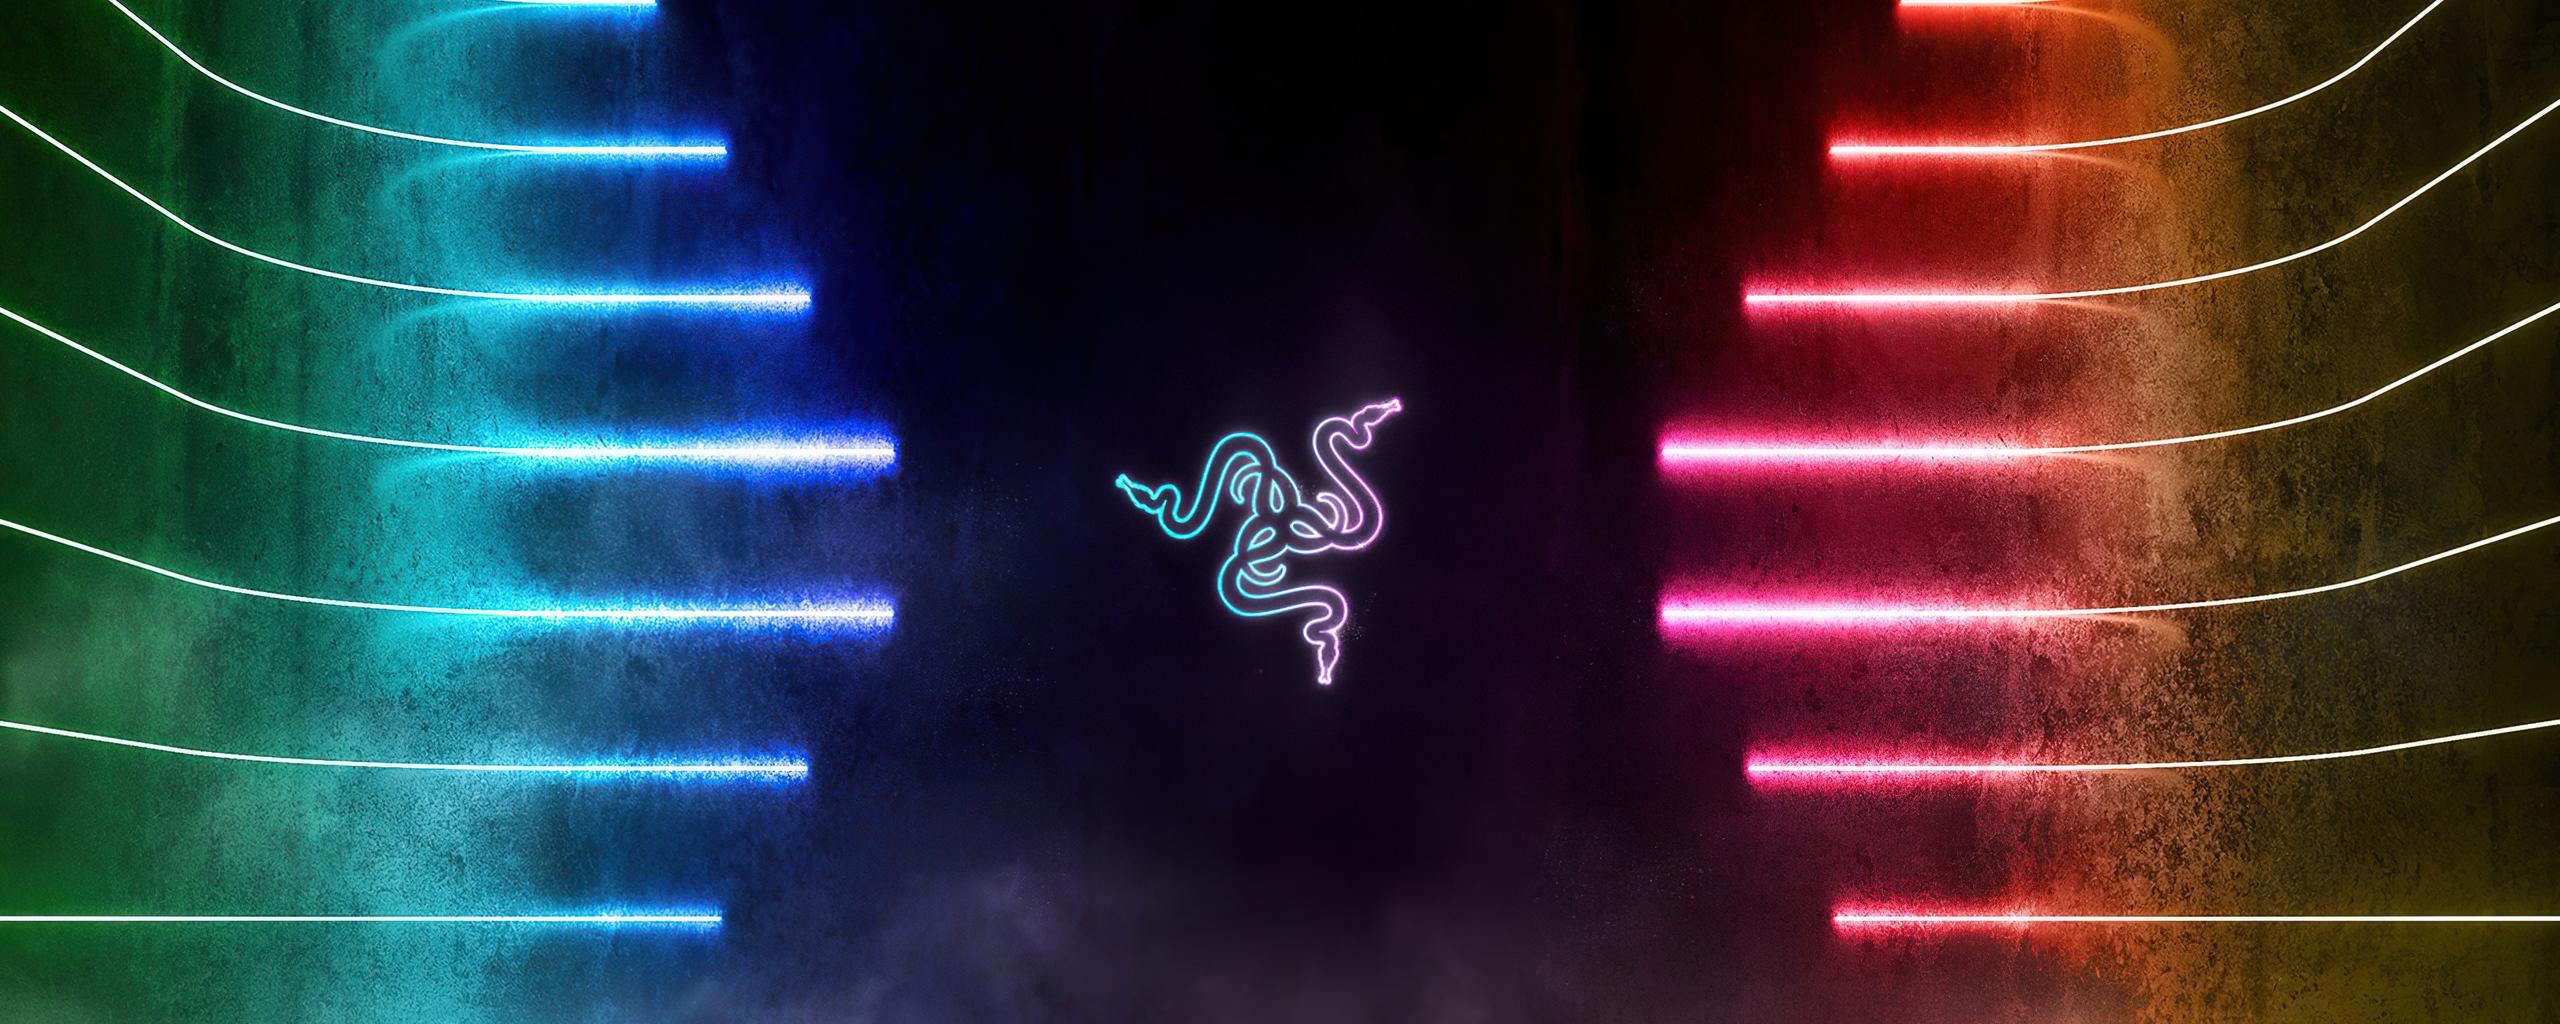 razer-lights-4k-wv.jpg